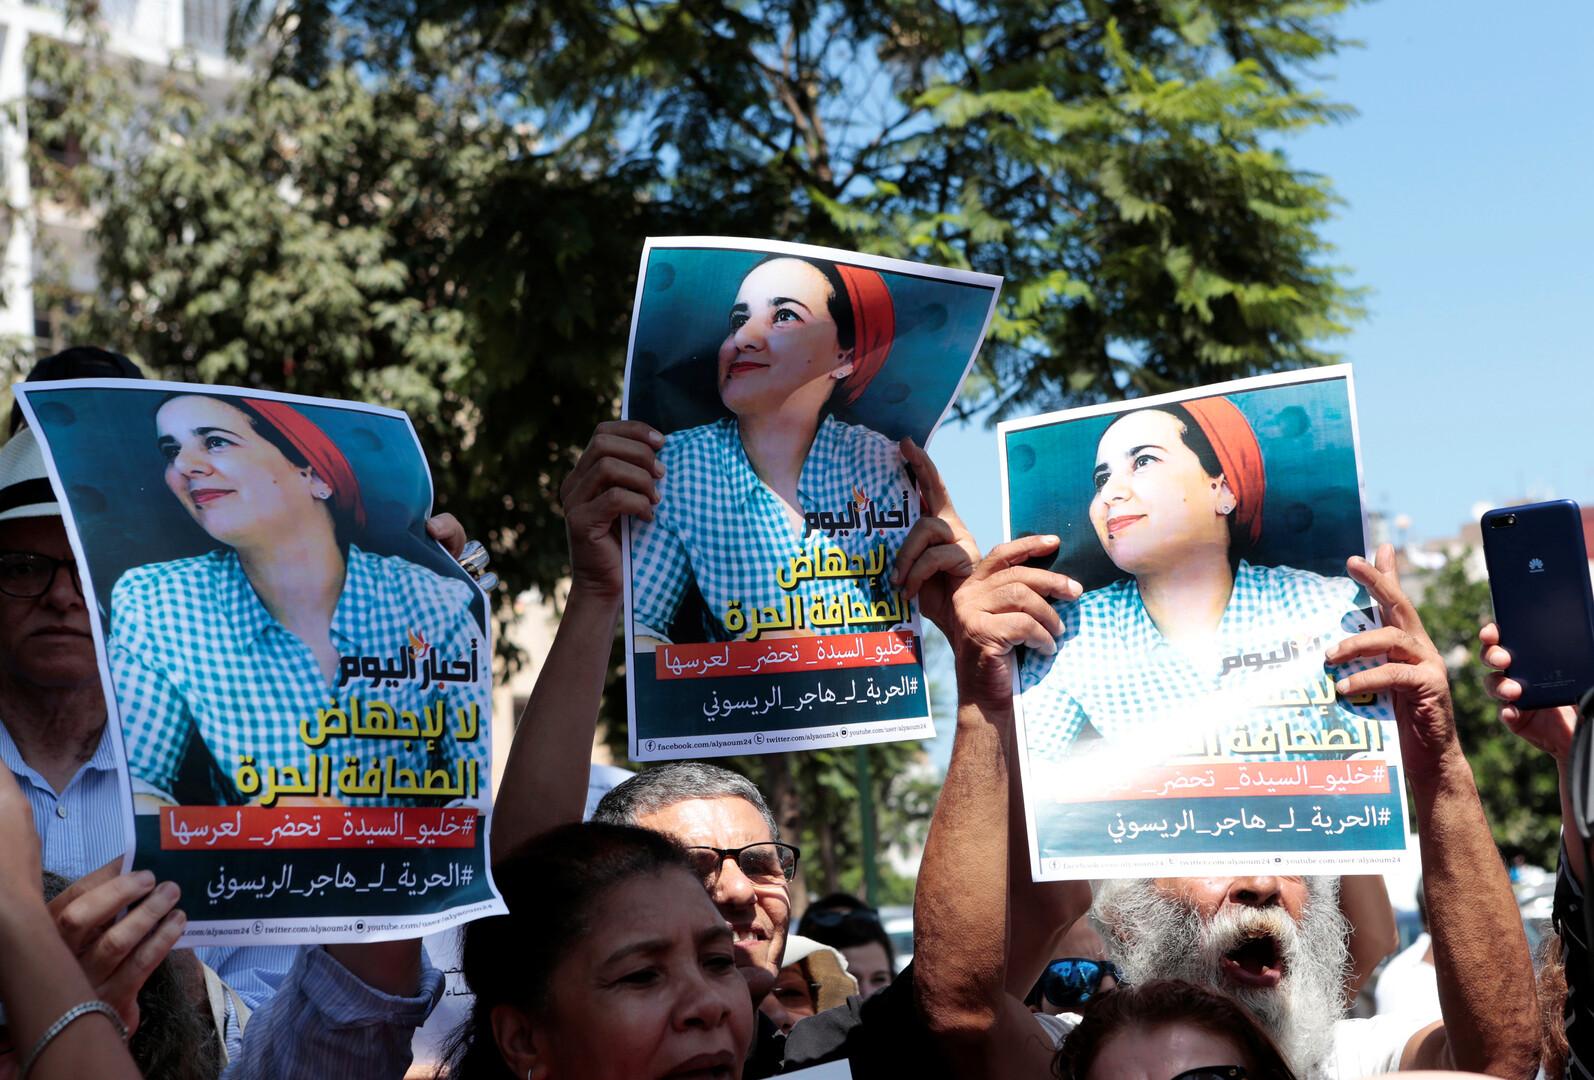 نشطاء مغاربة ينددون باعتقال صحفية بتهمتي الإجهاض وممارسة الجنس